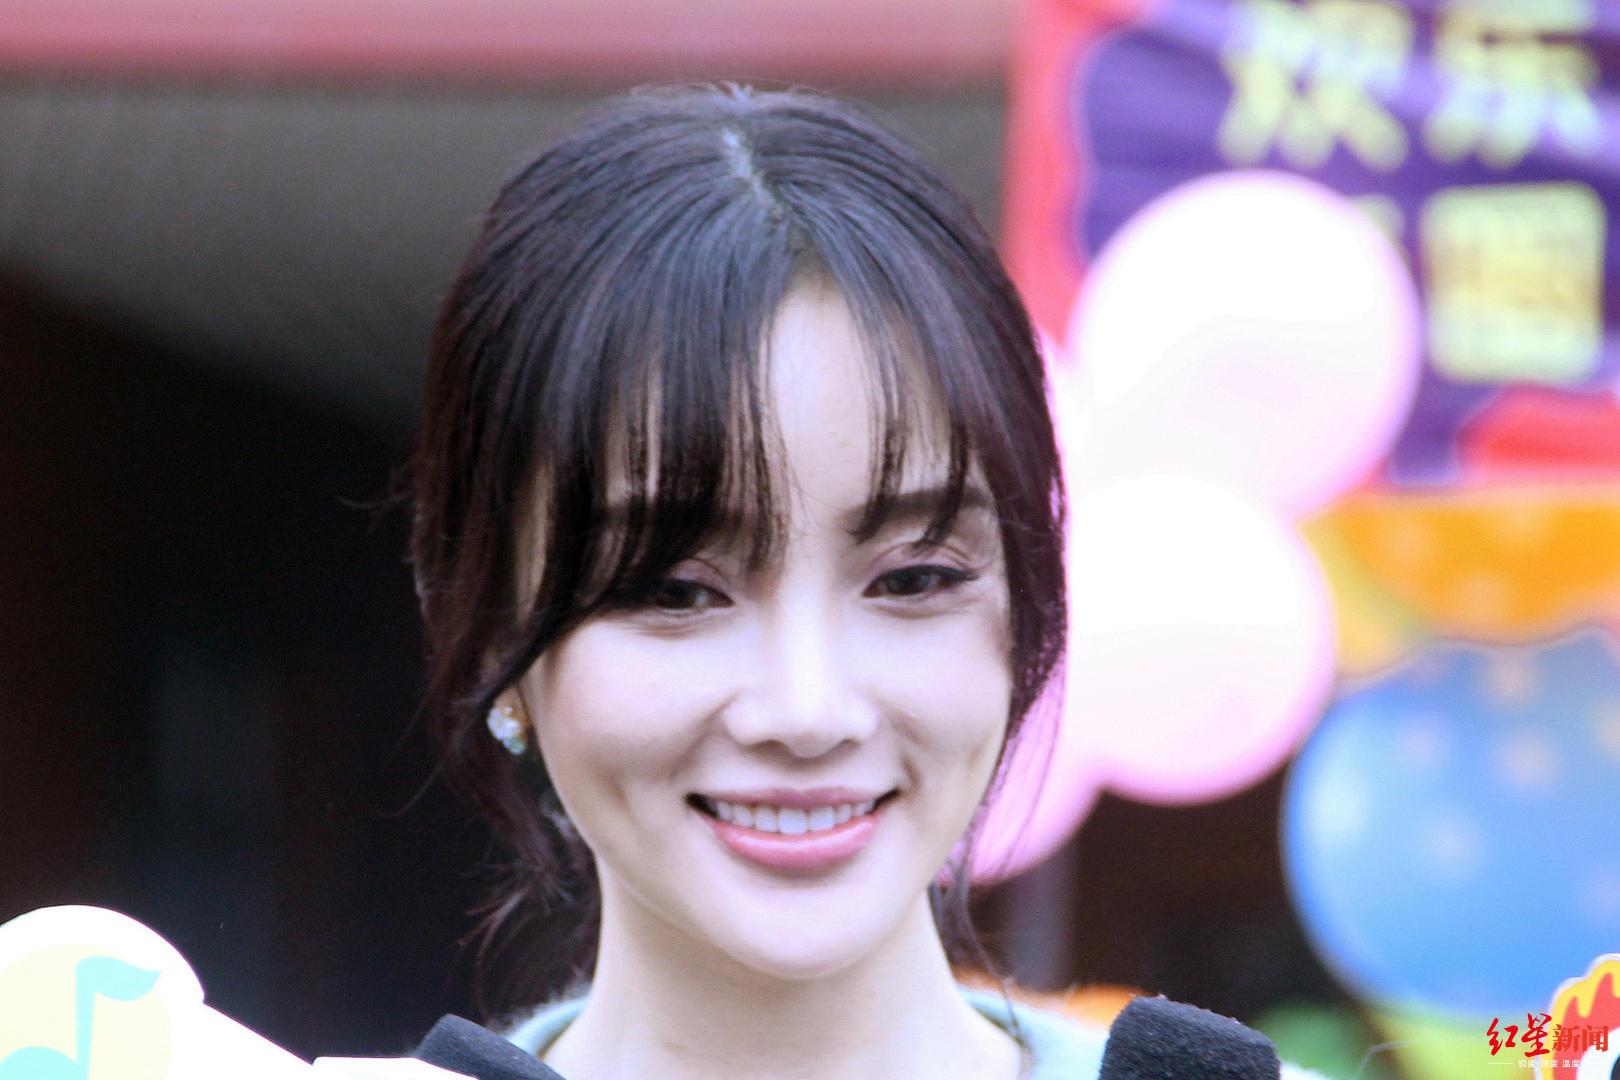 李小璐发文称被曝光前疑似接到威胁电话卓伟:不是我